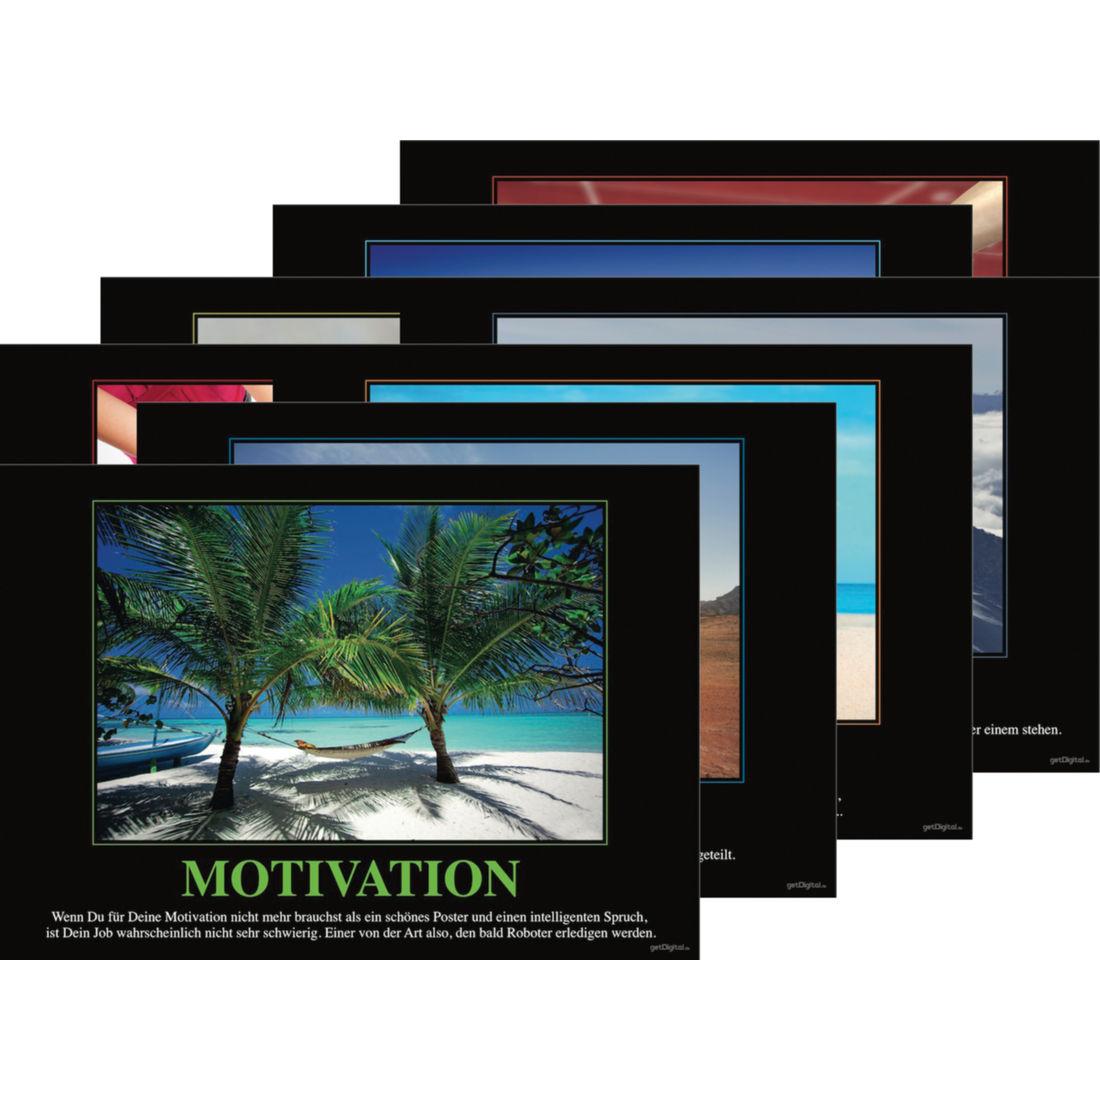 de motivations poster 7er set g nstig bestellen auf viral. Black Bedroom Furniture Sets. Home Design Ideas